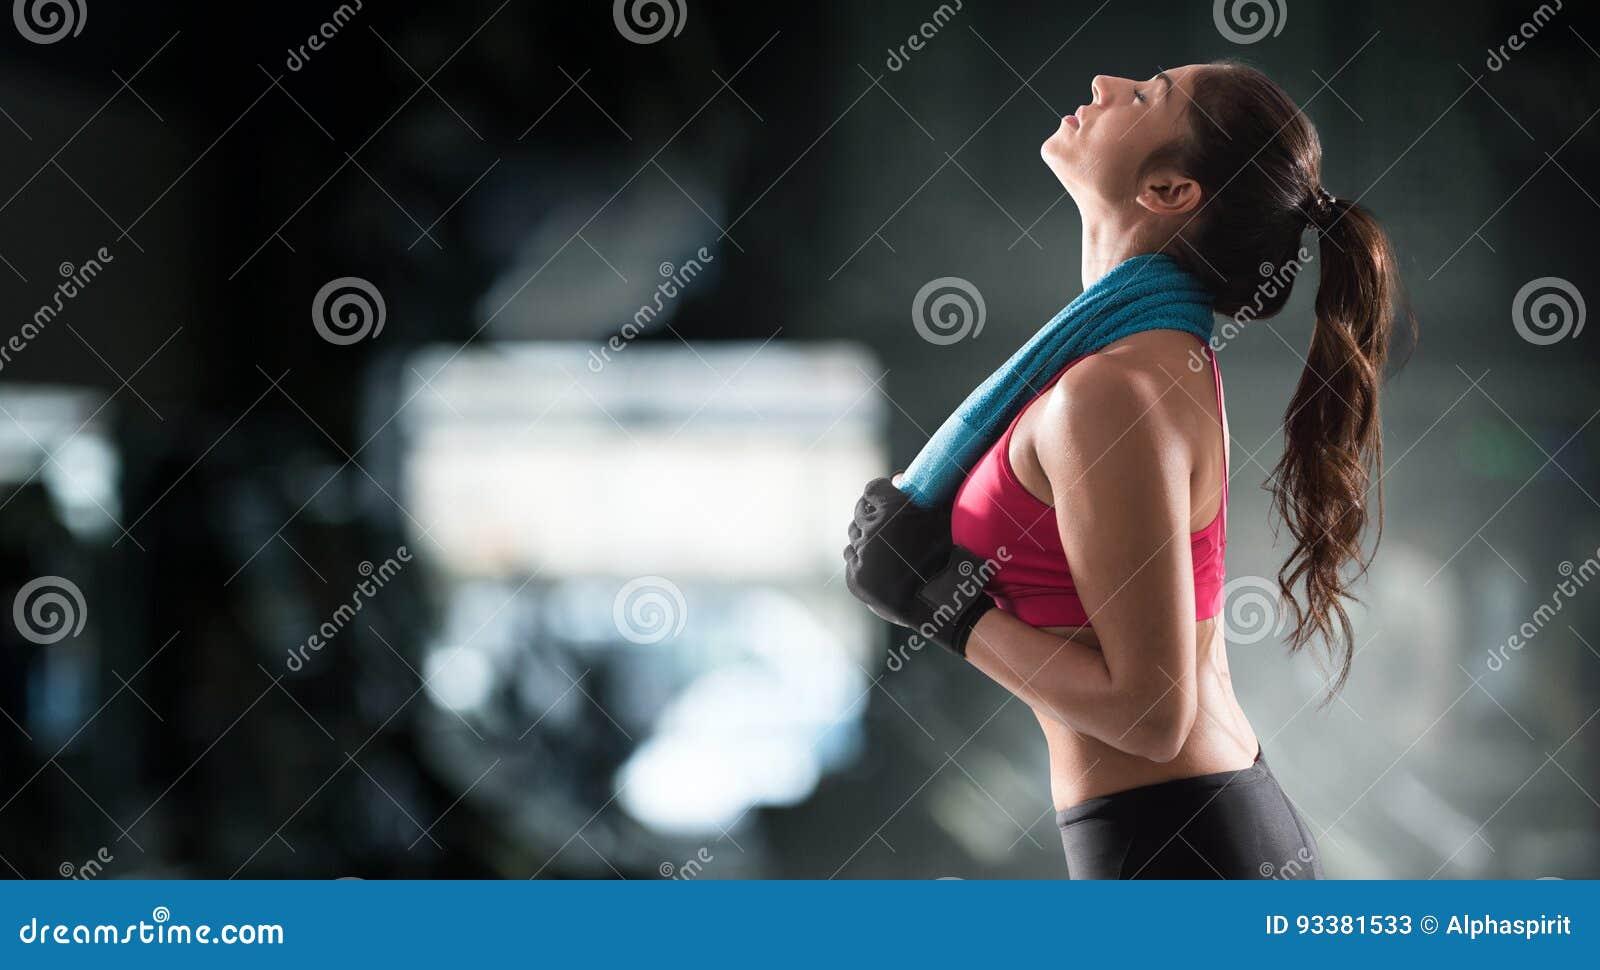 在健身房锻炼以后的妇女